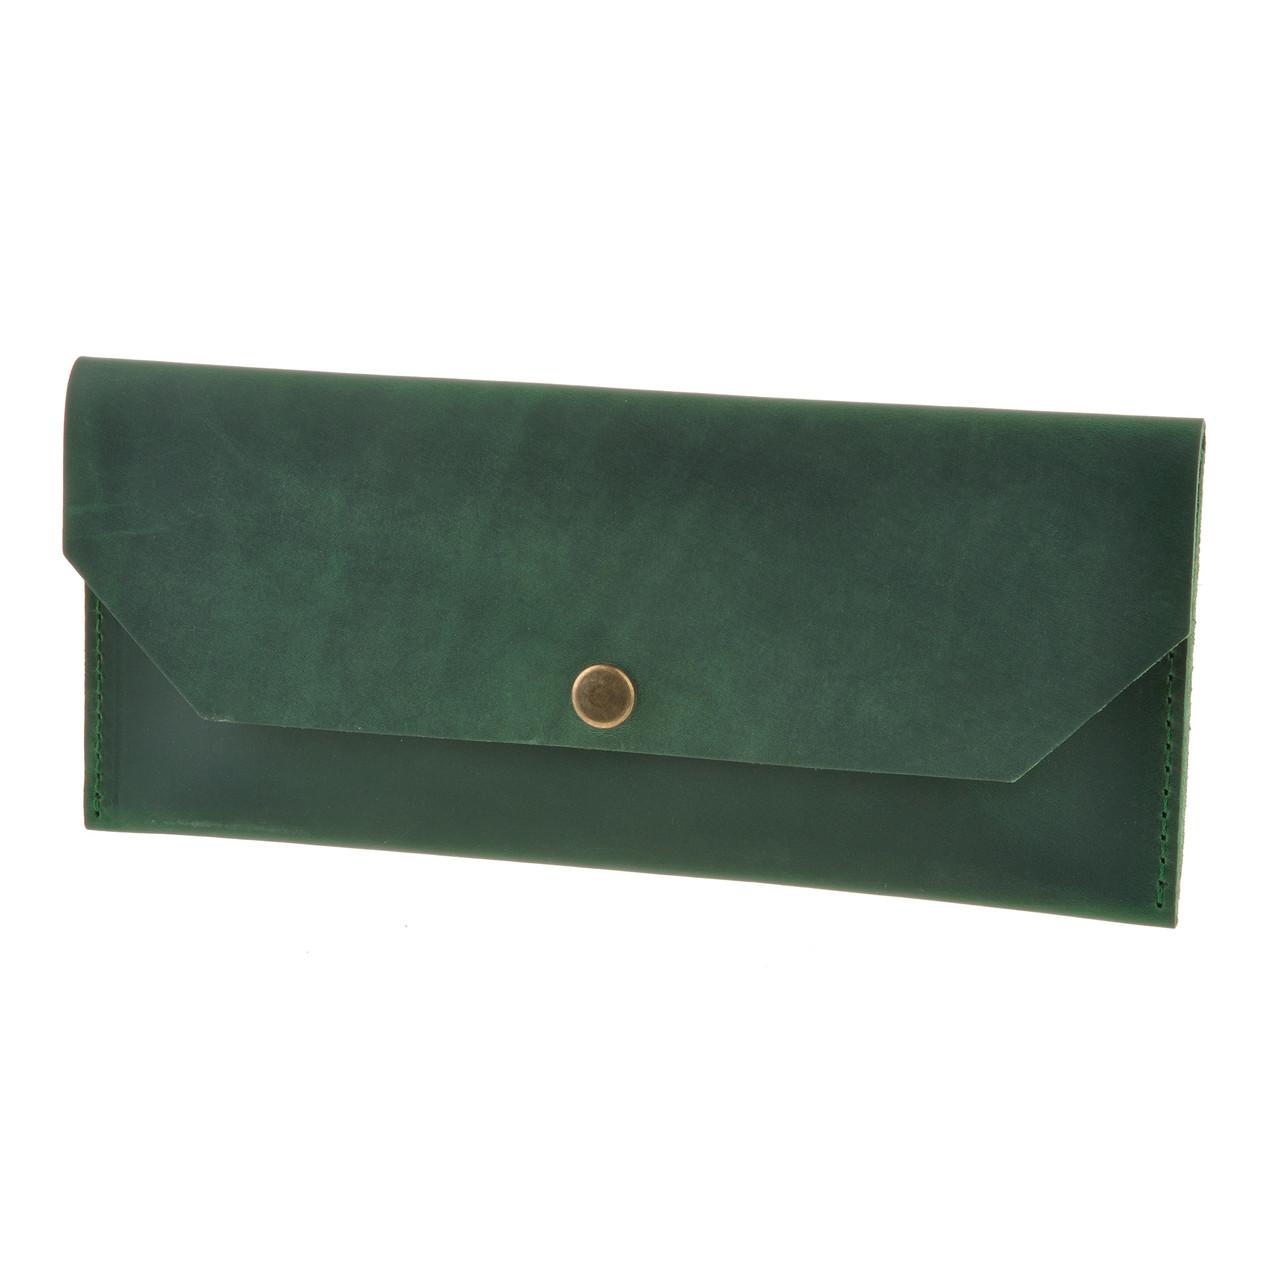 ba021f15ec67 Удобный кожаный клатч-конверт Blanknote Изумруд - FOXBAG кожаные сумки и  аксессуары украинских брендов в